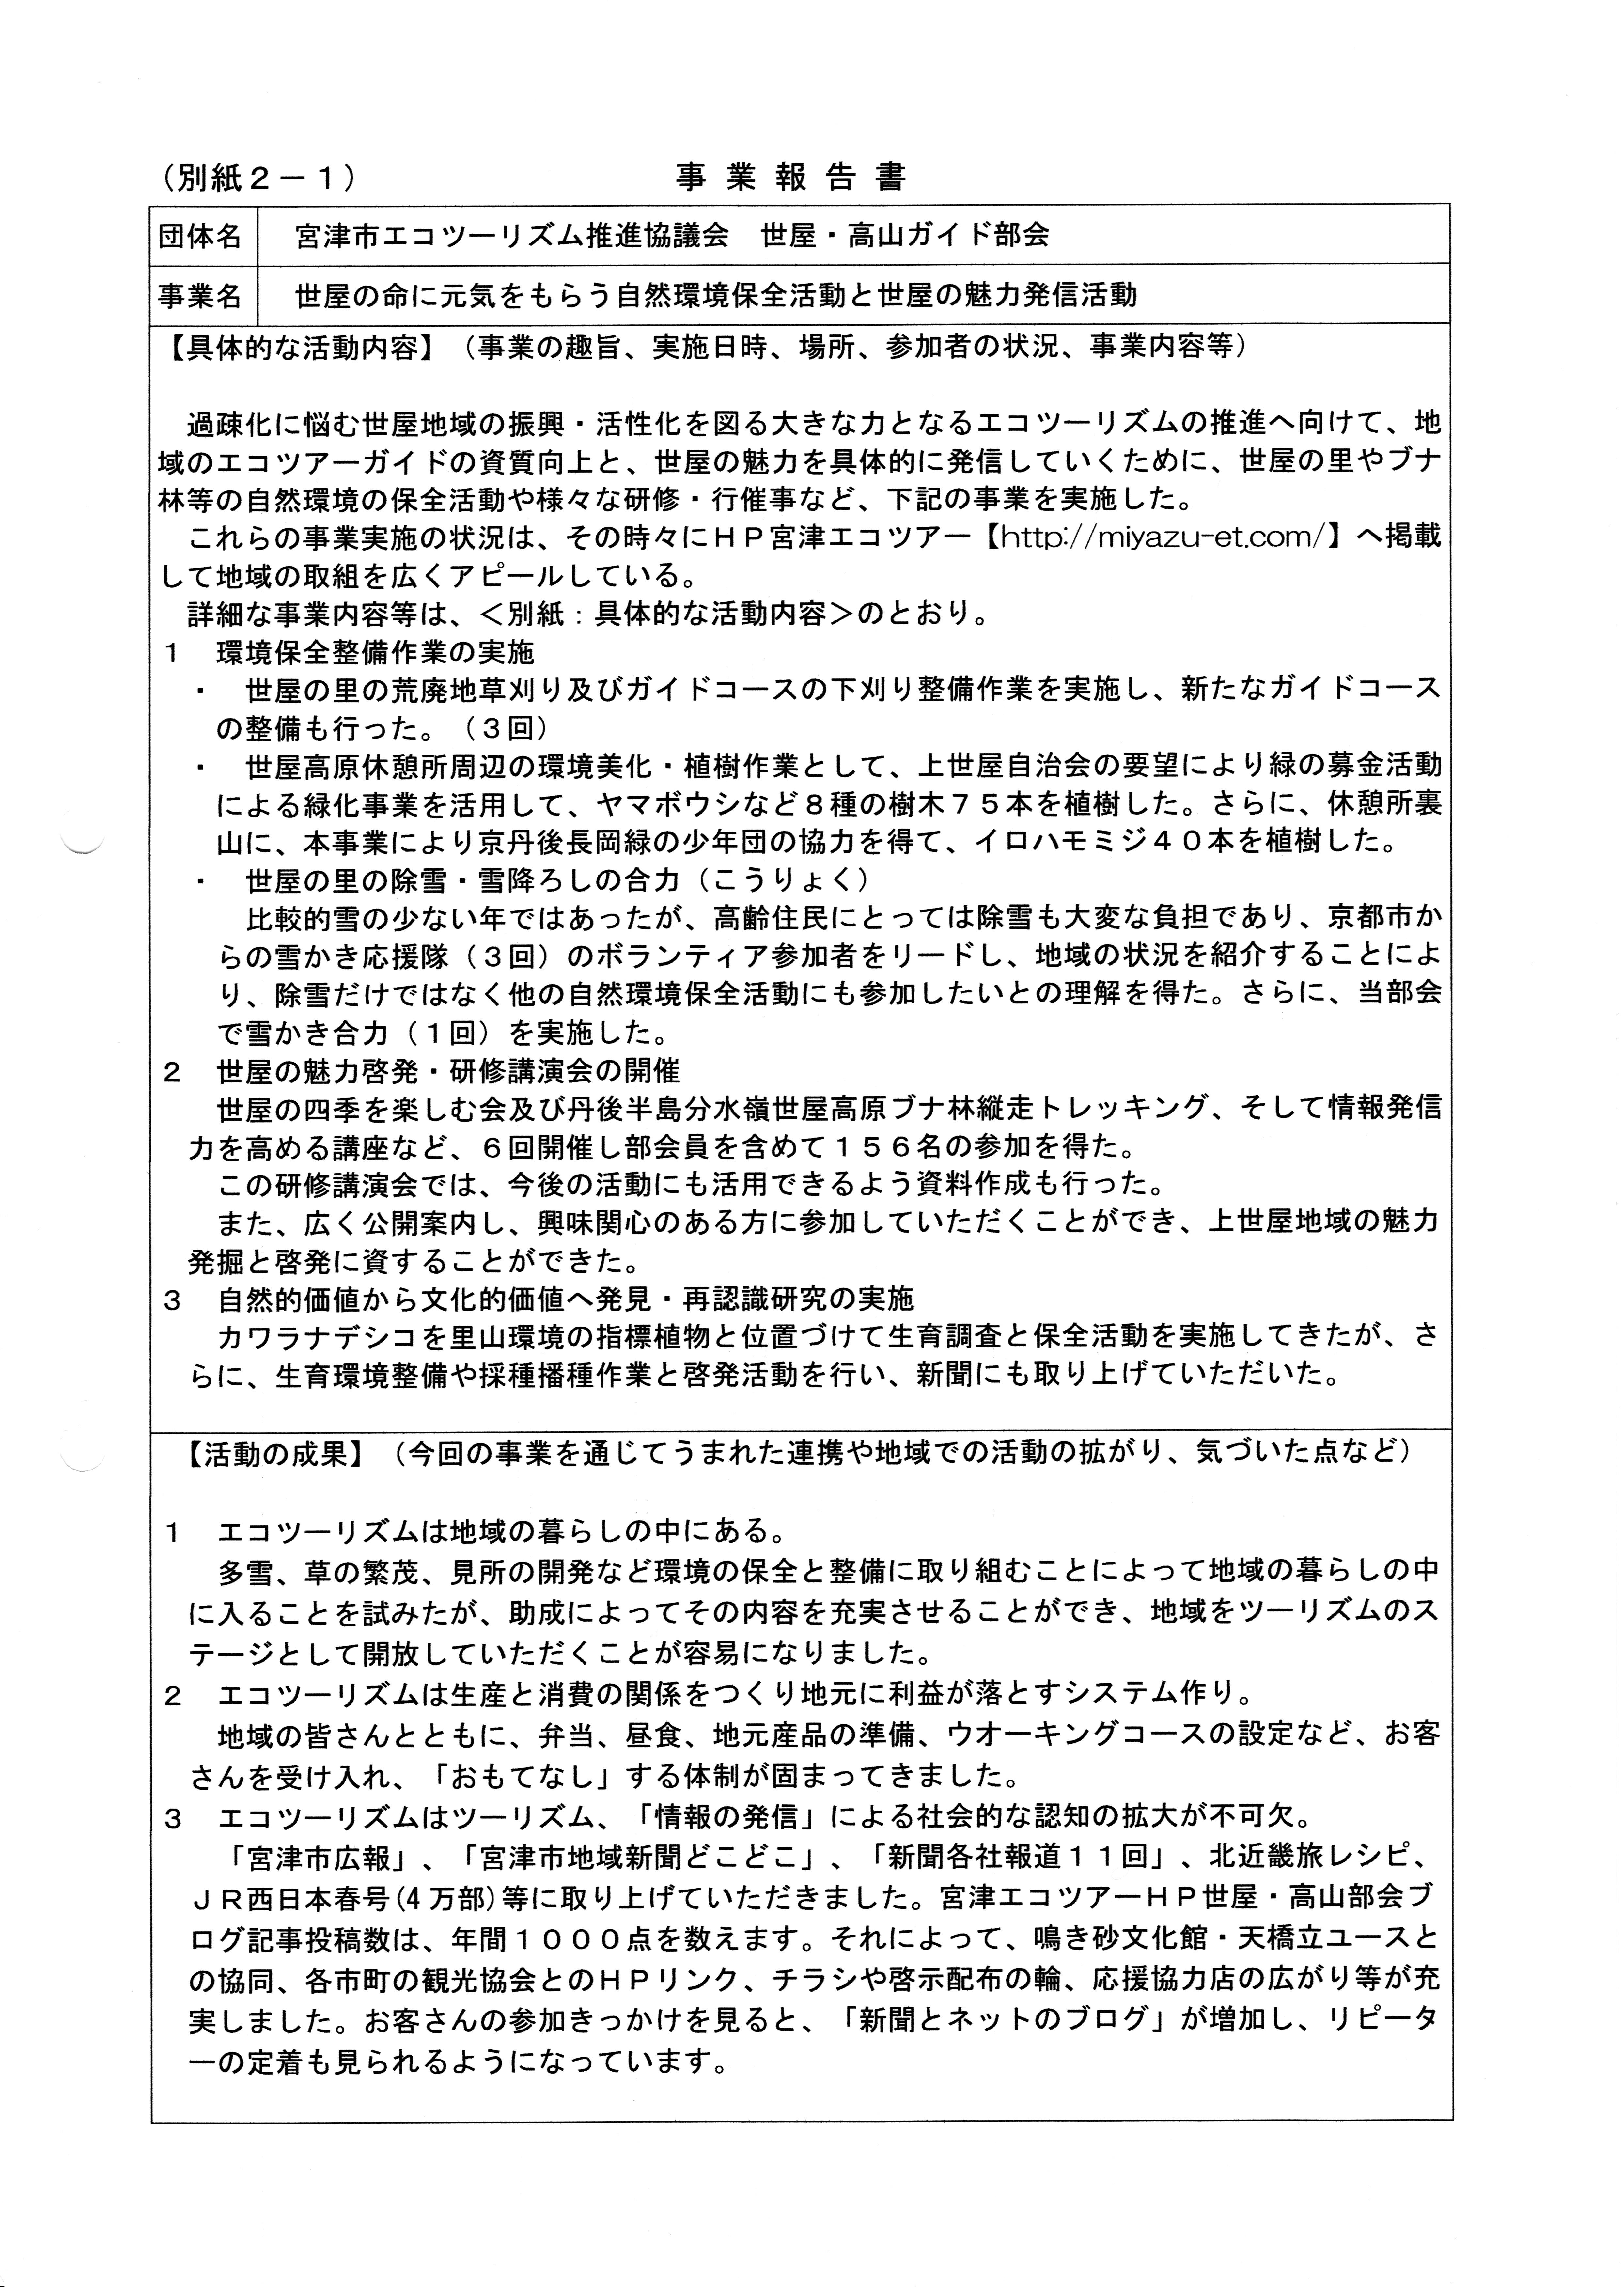 実績報告別紙2-1